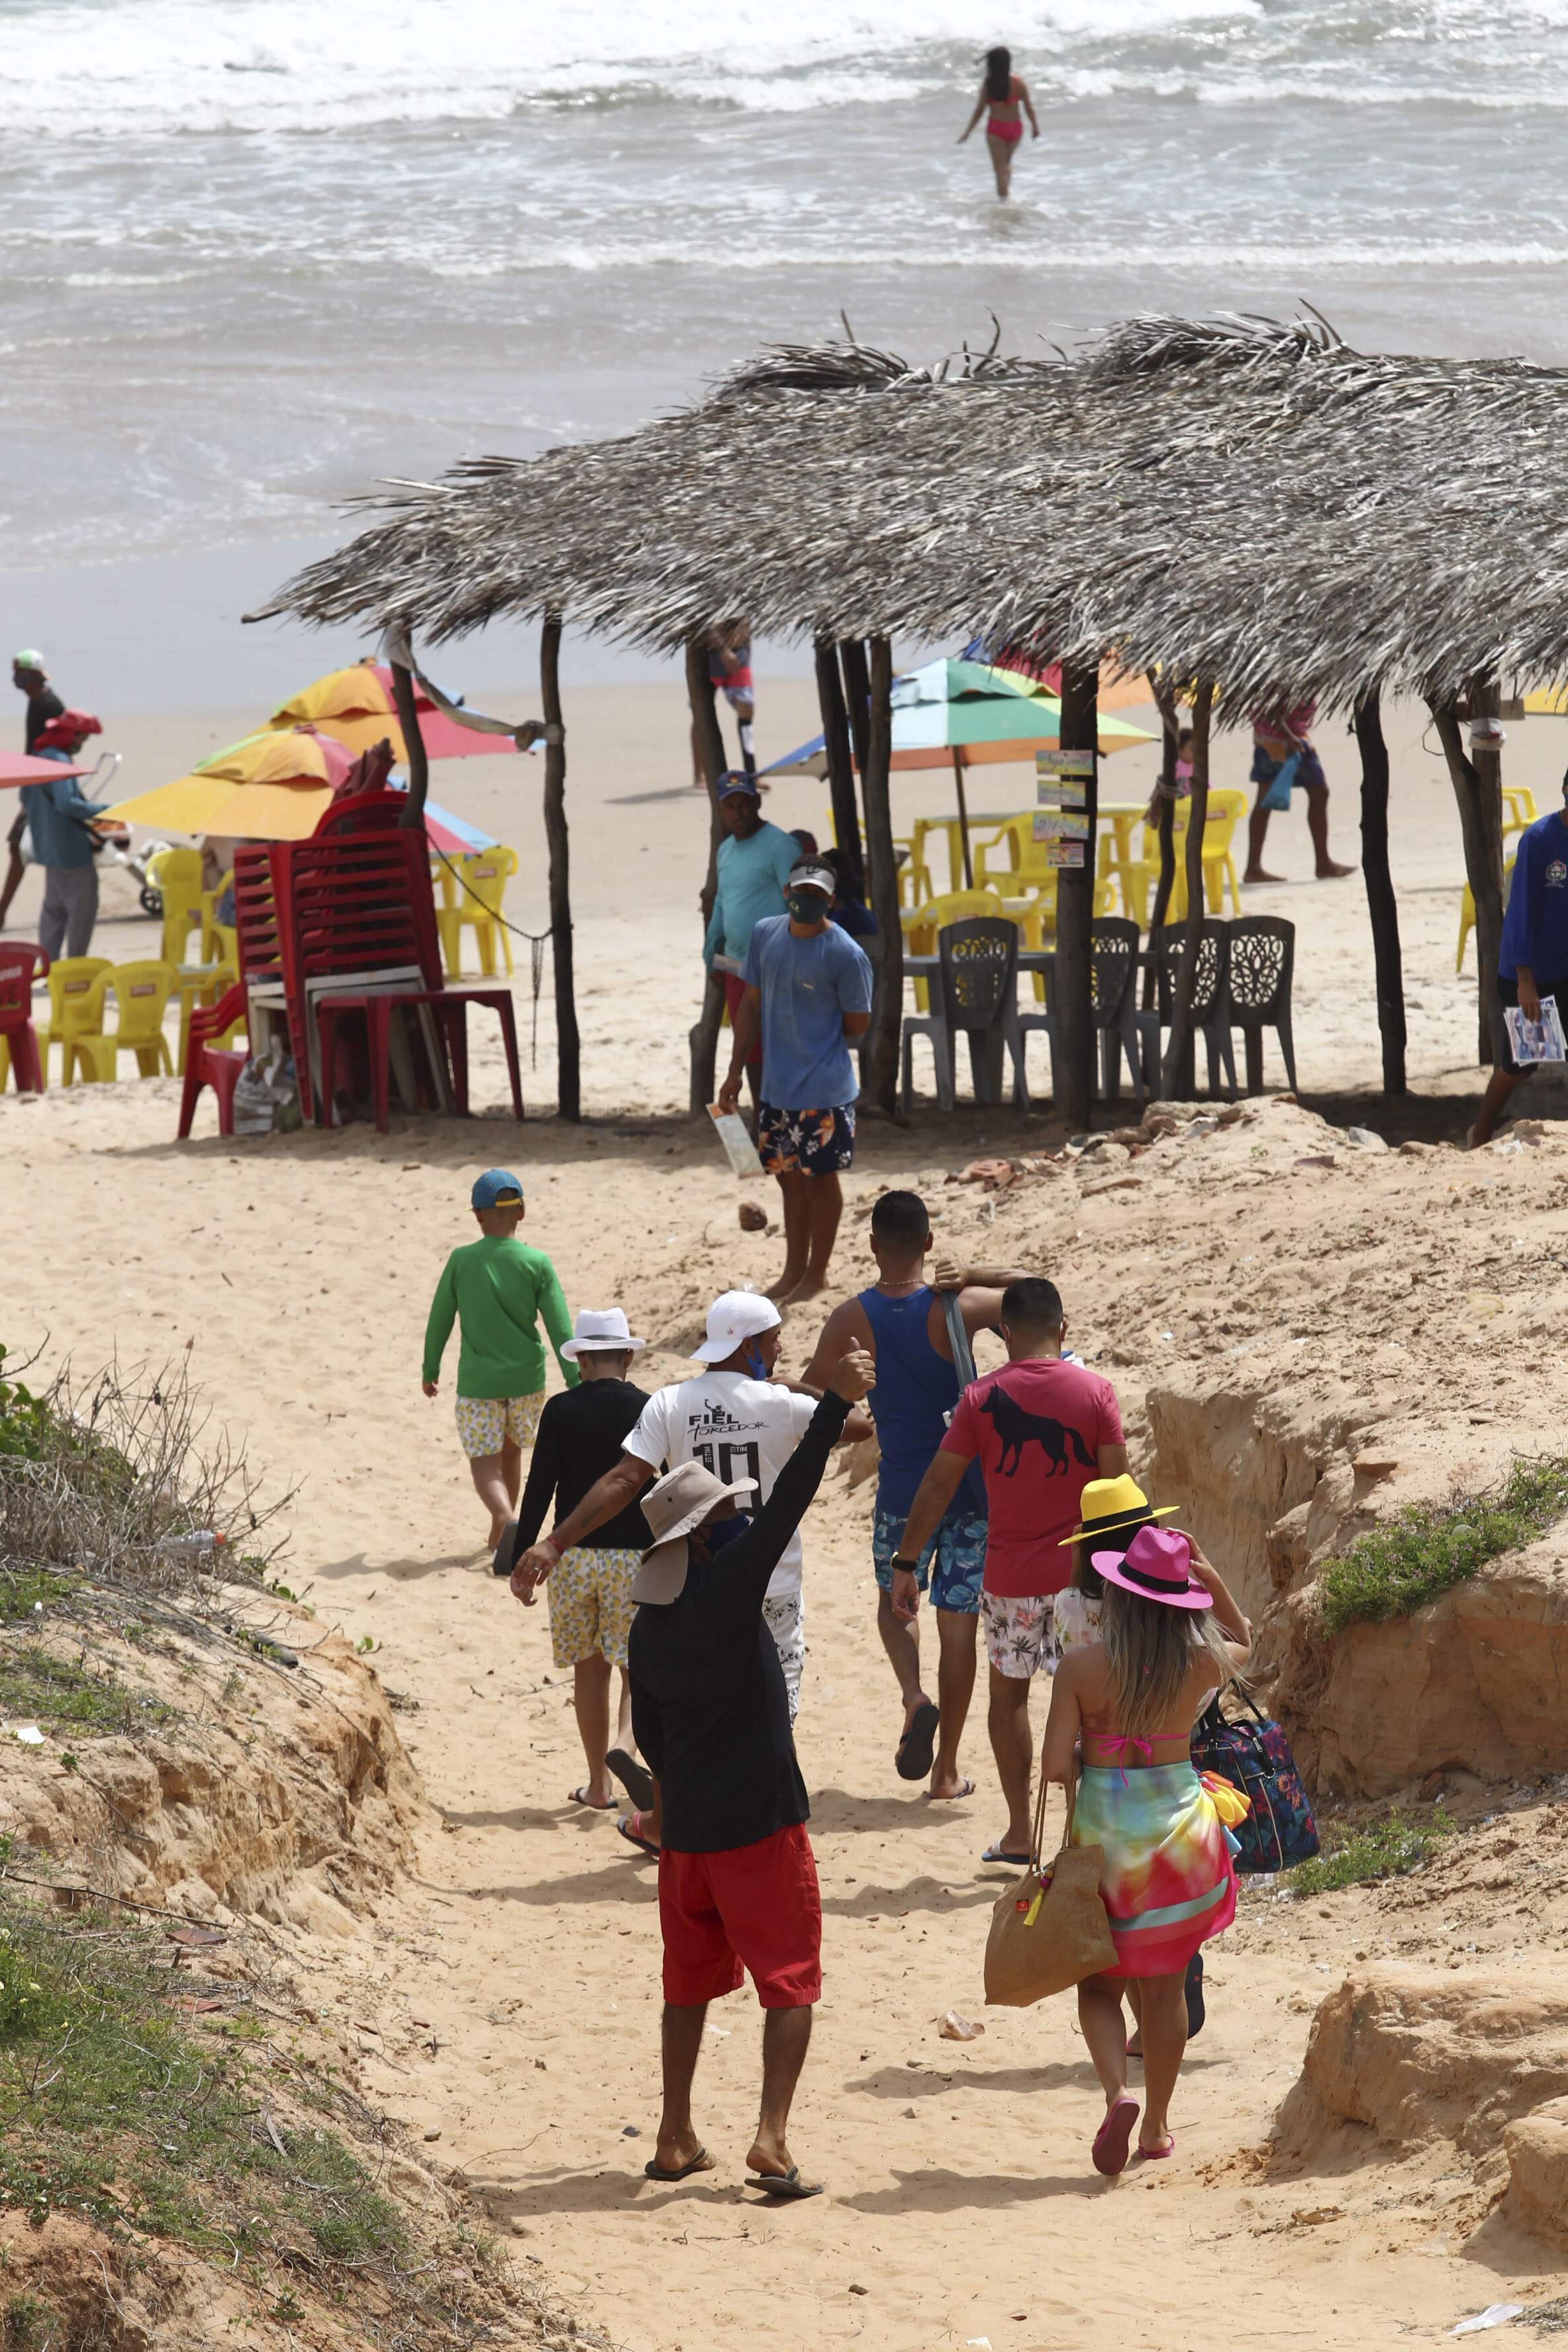 Movimentação em Canoa Quebrada durante período em 2021 que seria Carnaval